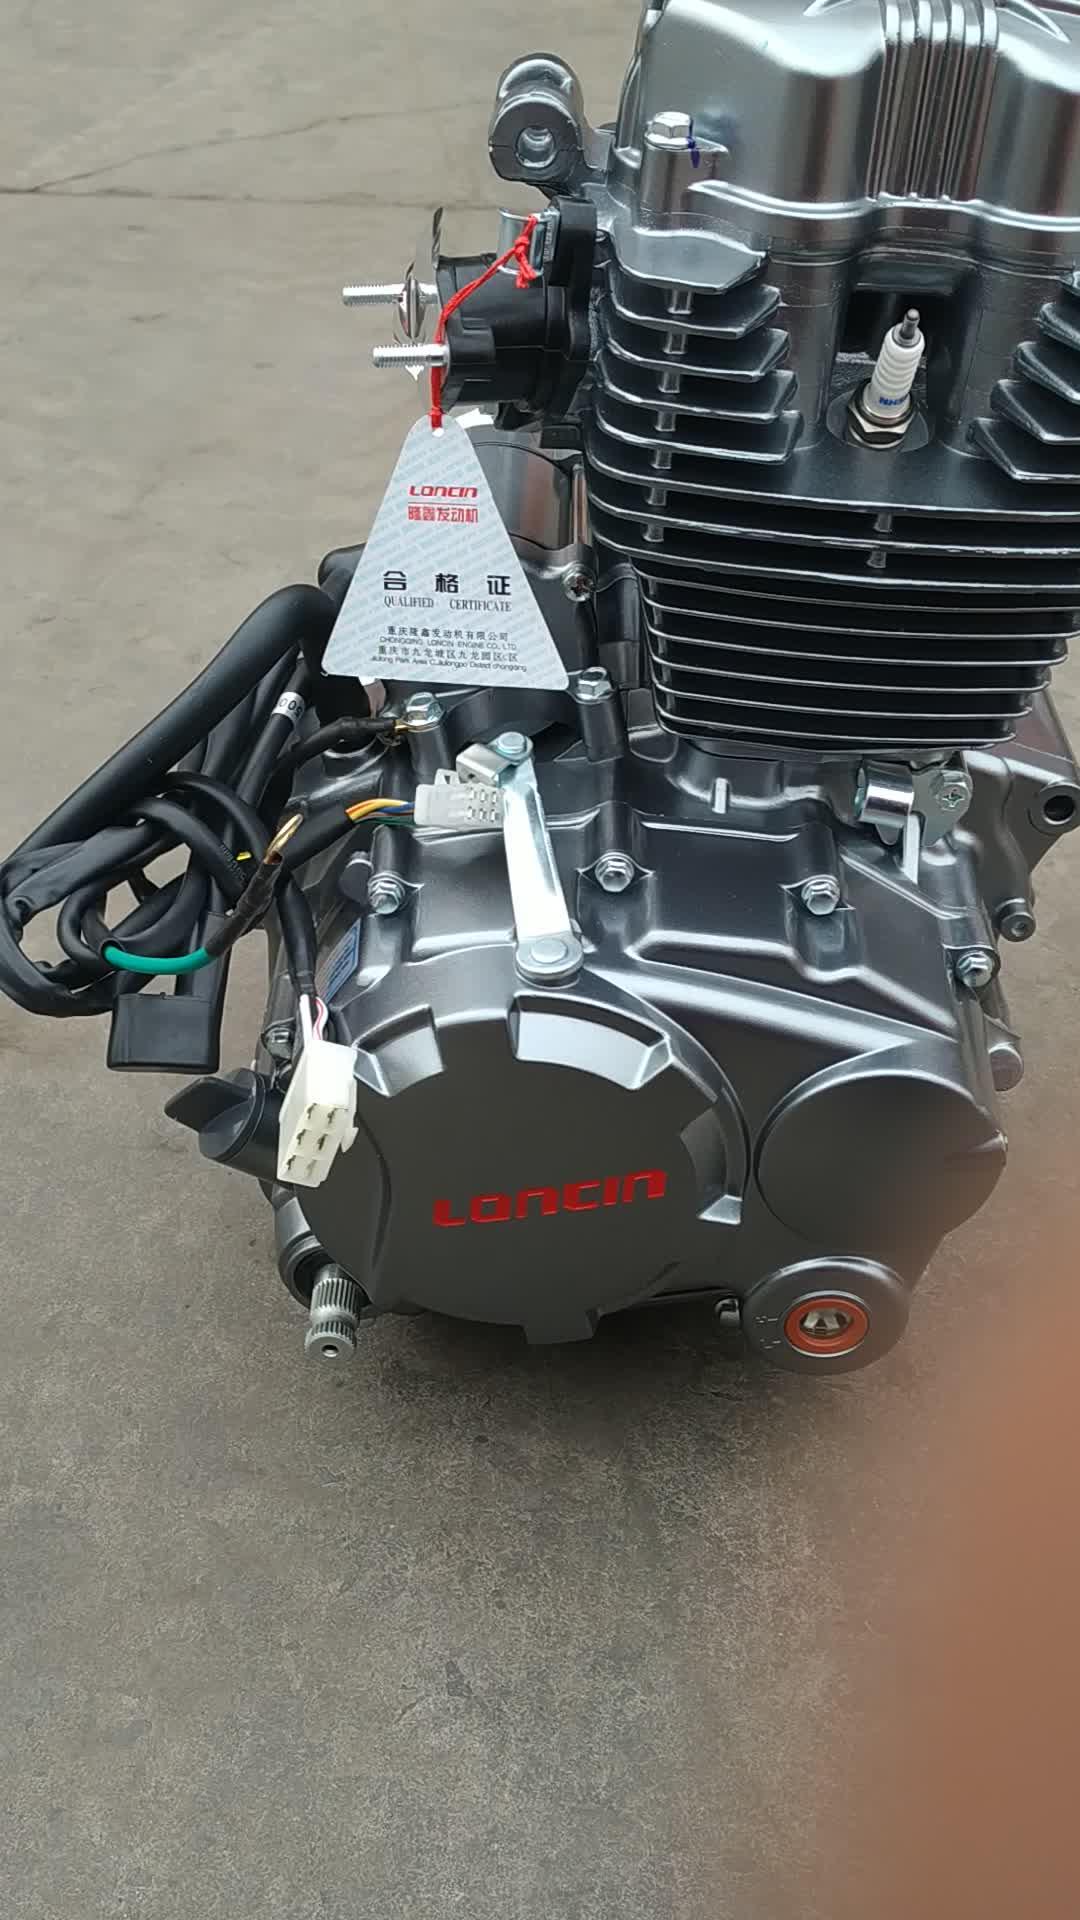 Trung quốc Giá Rẻ Loncin Kick Bắt Đầu 150cc 200cc 250cc Ngang Xe Máy Động Cơ Sử Dụng 150cc Động Cơ Đối Với Hàng Hóa Ba Bánh Xe Máy